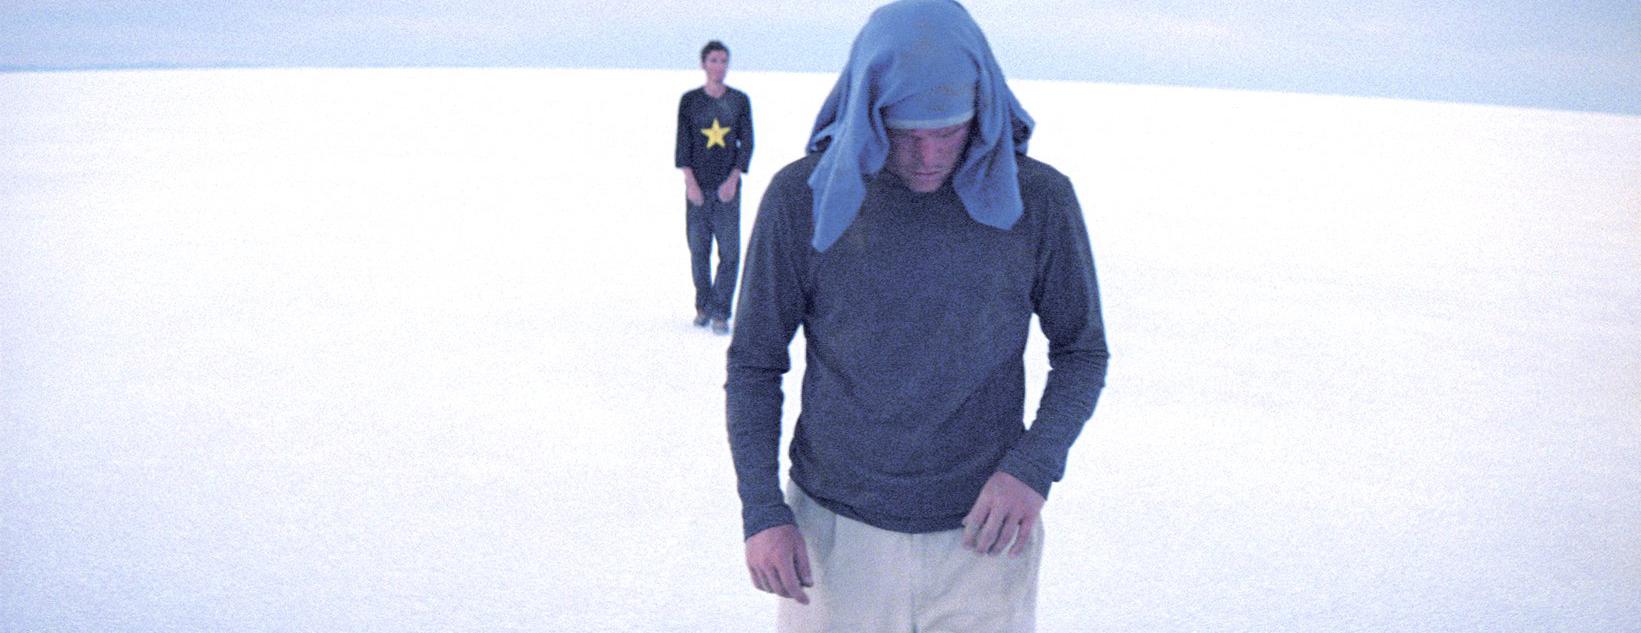 Deux hommes marchant dans le désert.